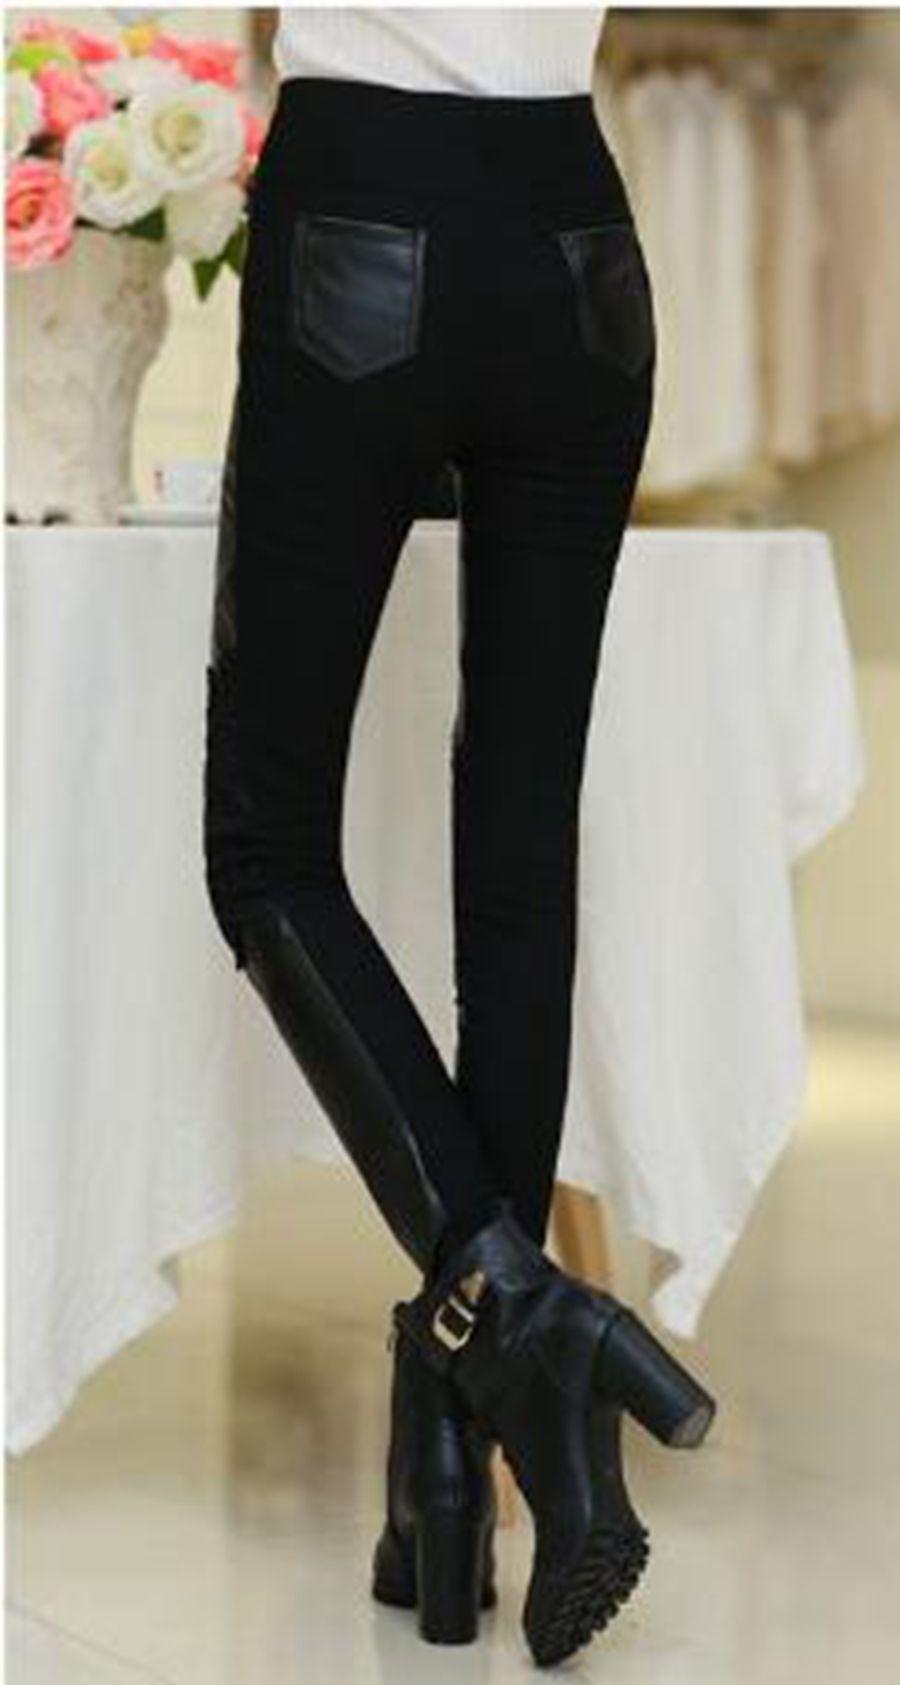 한 판은 본격적인 패션 여성 새로운 겨울 따뜻한 꽉 쇼 얇은 머리 두껍게 splicing 가죽 바지를 카운터. S - 3xl